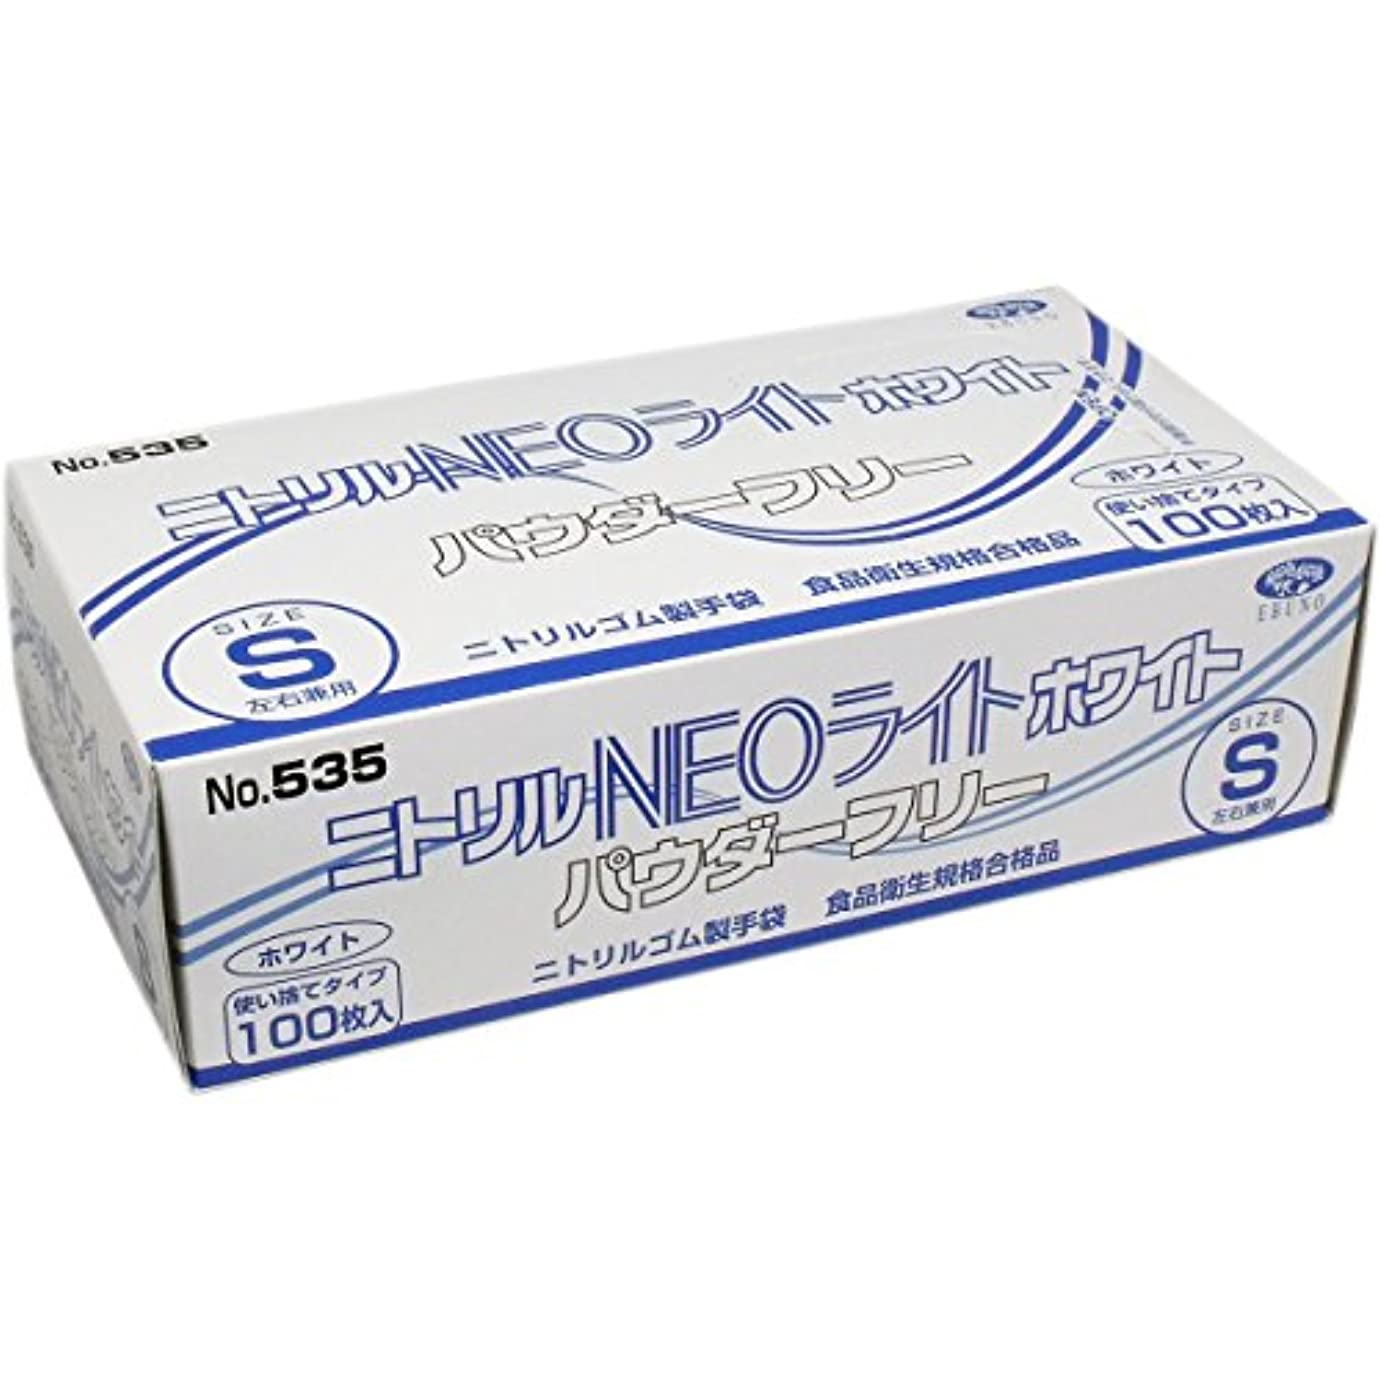 ニトリル手袋 NEOライト パウダーフリー ホワイト Sサイズ 100枚入×2個セット